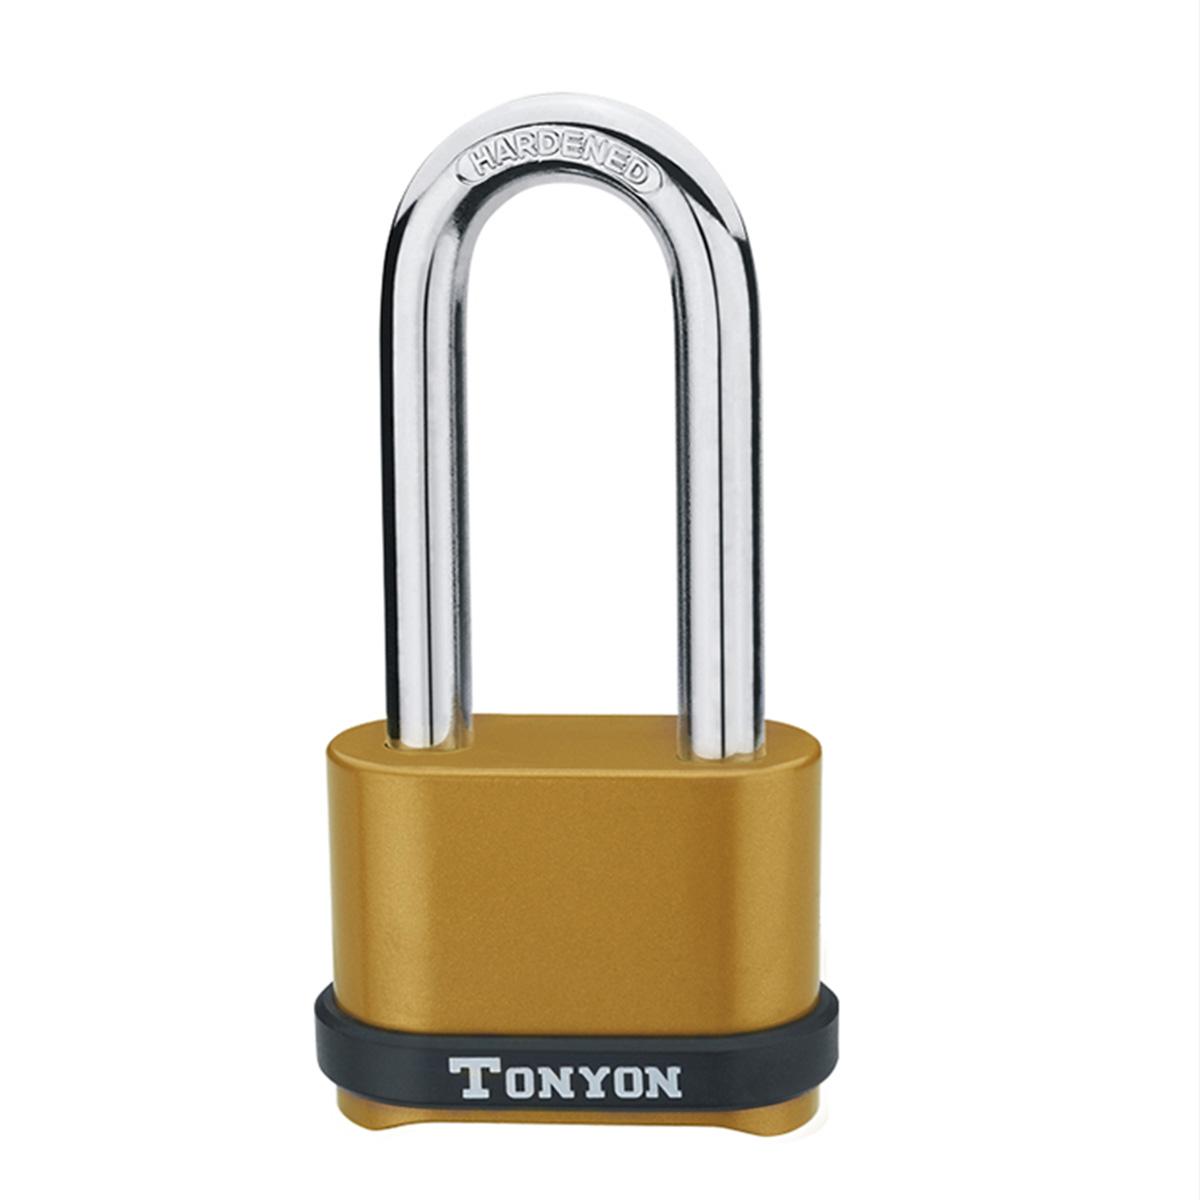 значный пароль Замок из цинкового сплава Безопасность Багаж Дверь Замок Водонепроницаемы